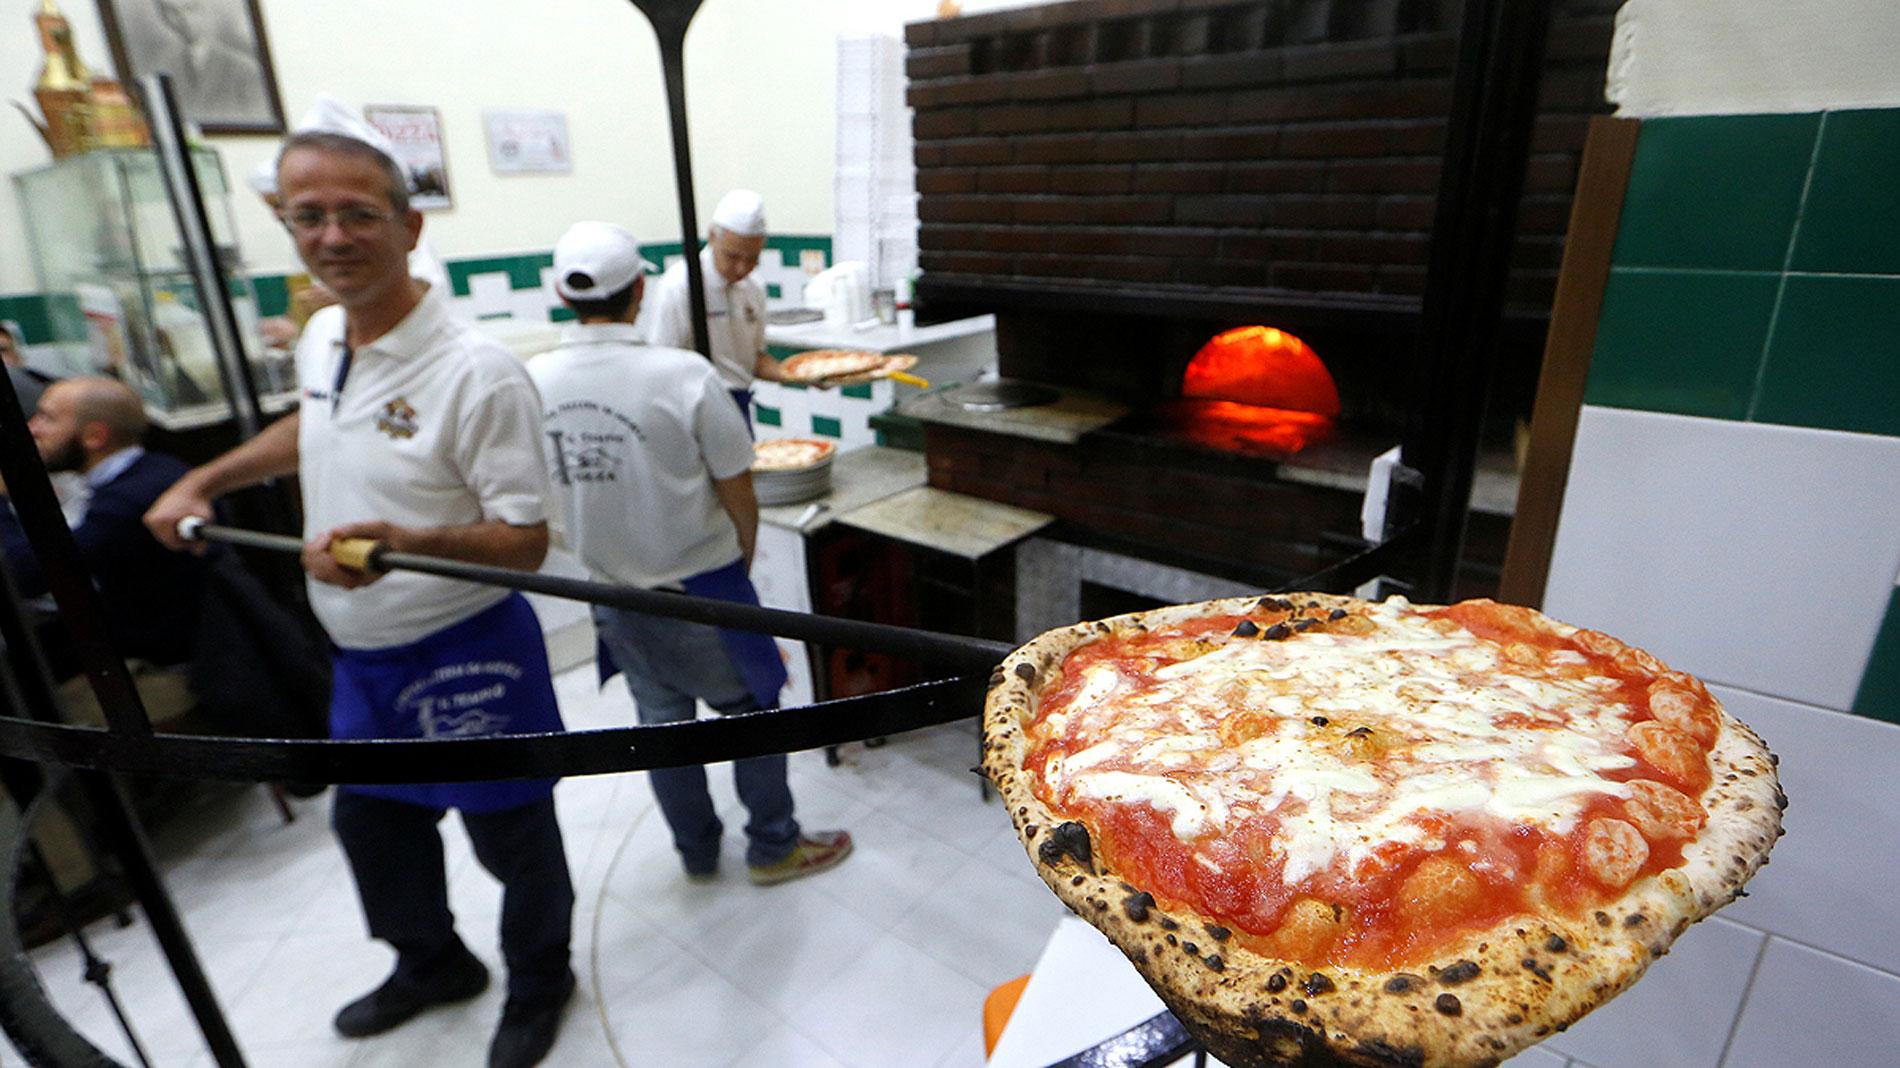 La pizza Napolitana ha sido reconocida como patrimonio Inmaterial de la Humanidad por la UNESCO